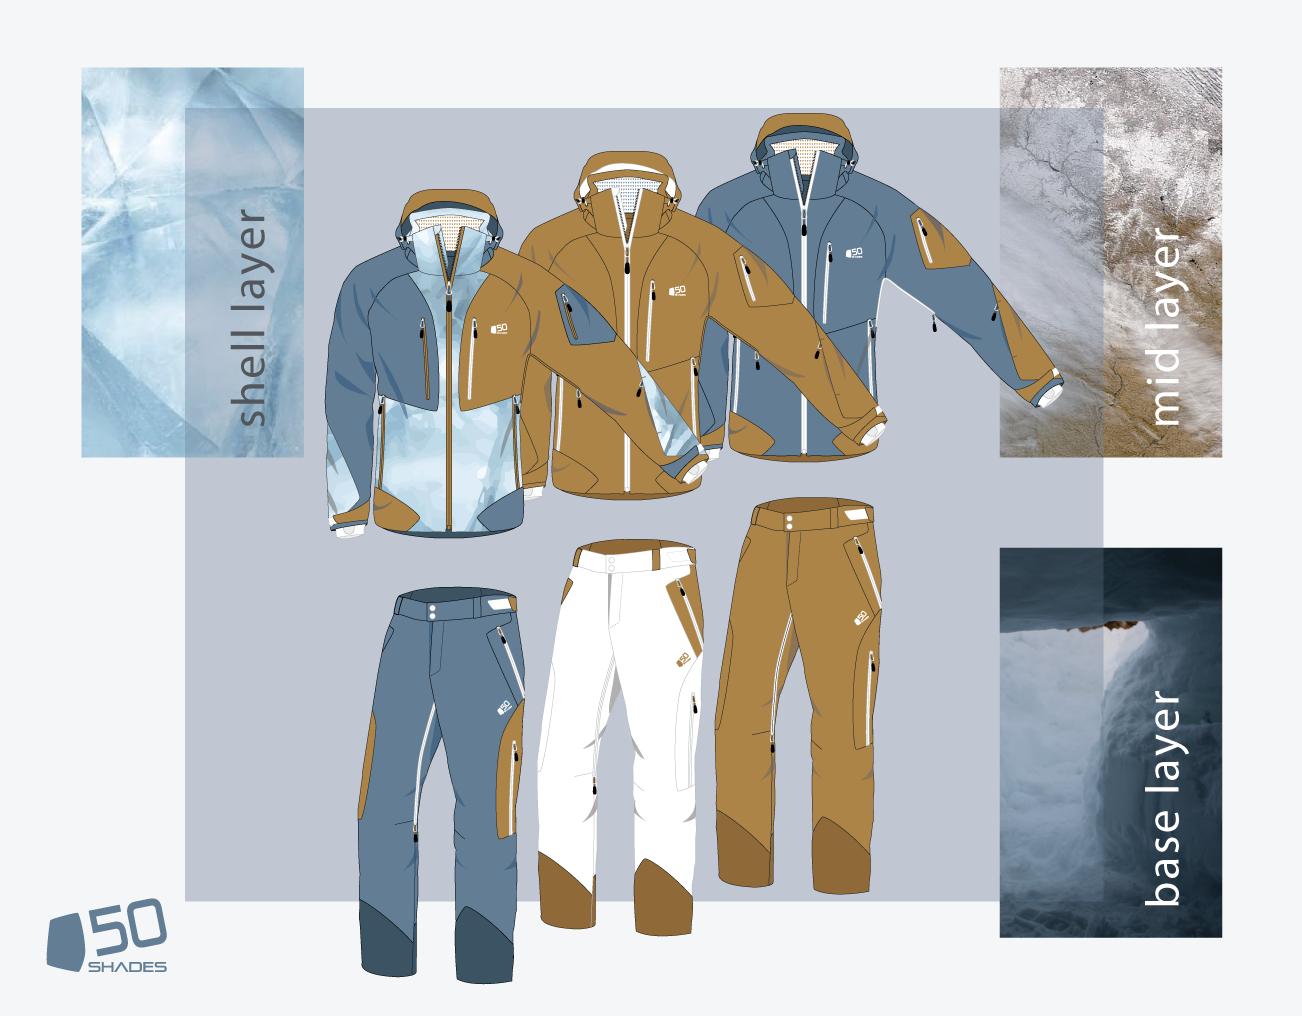 ski_snowboard_wear_decloud_1302x1016